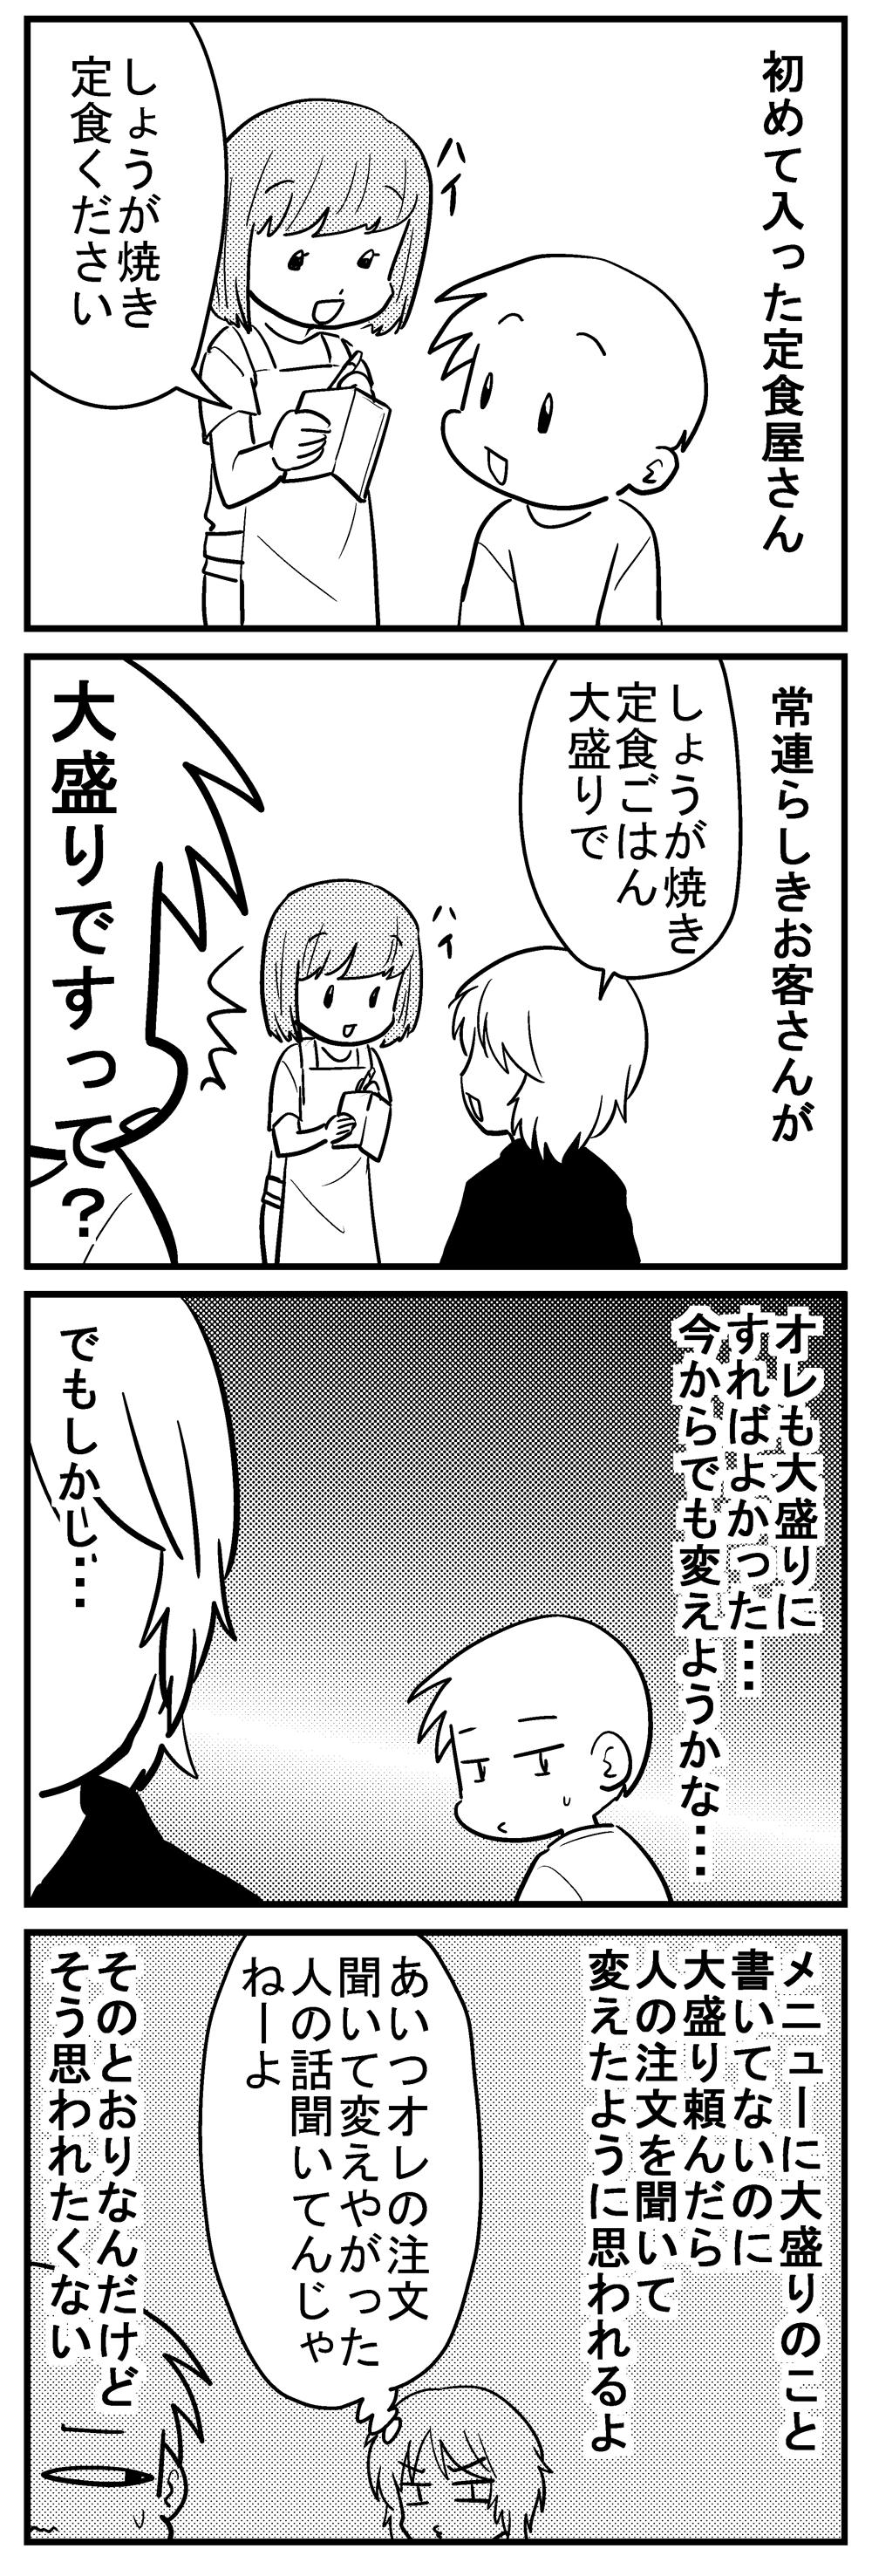 深読みくん101 1